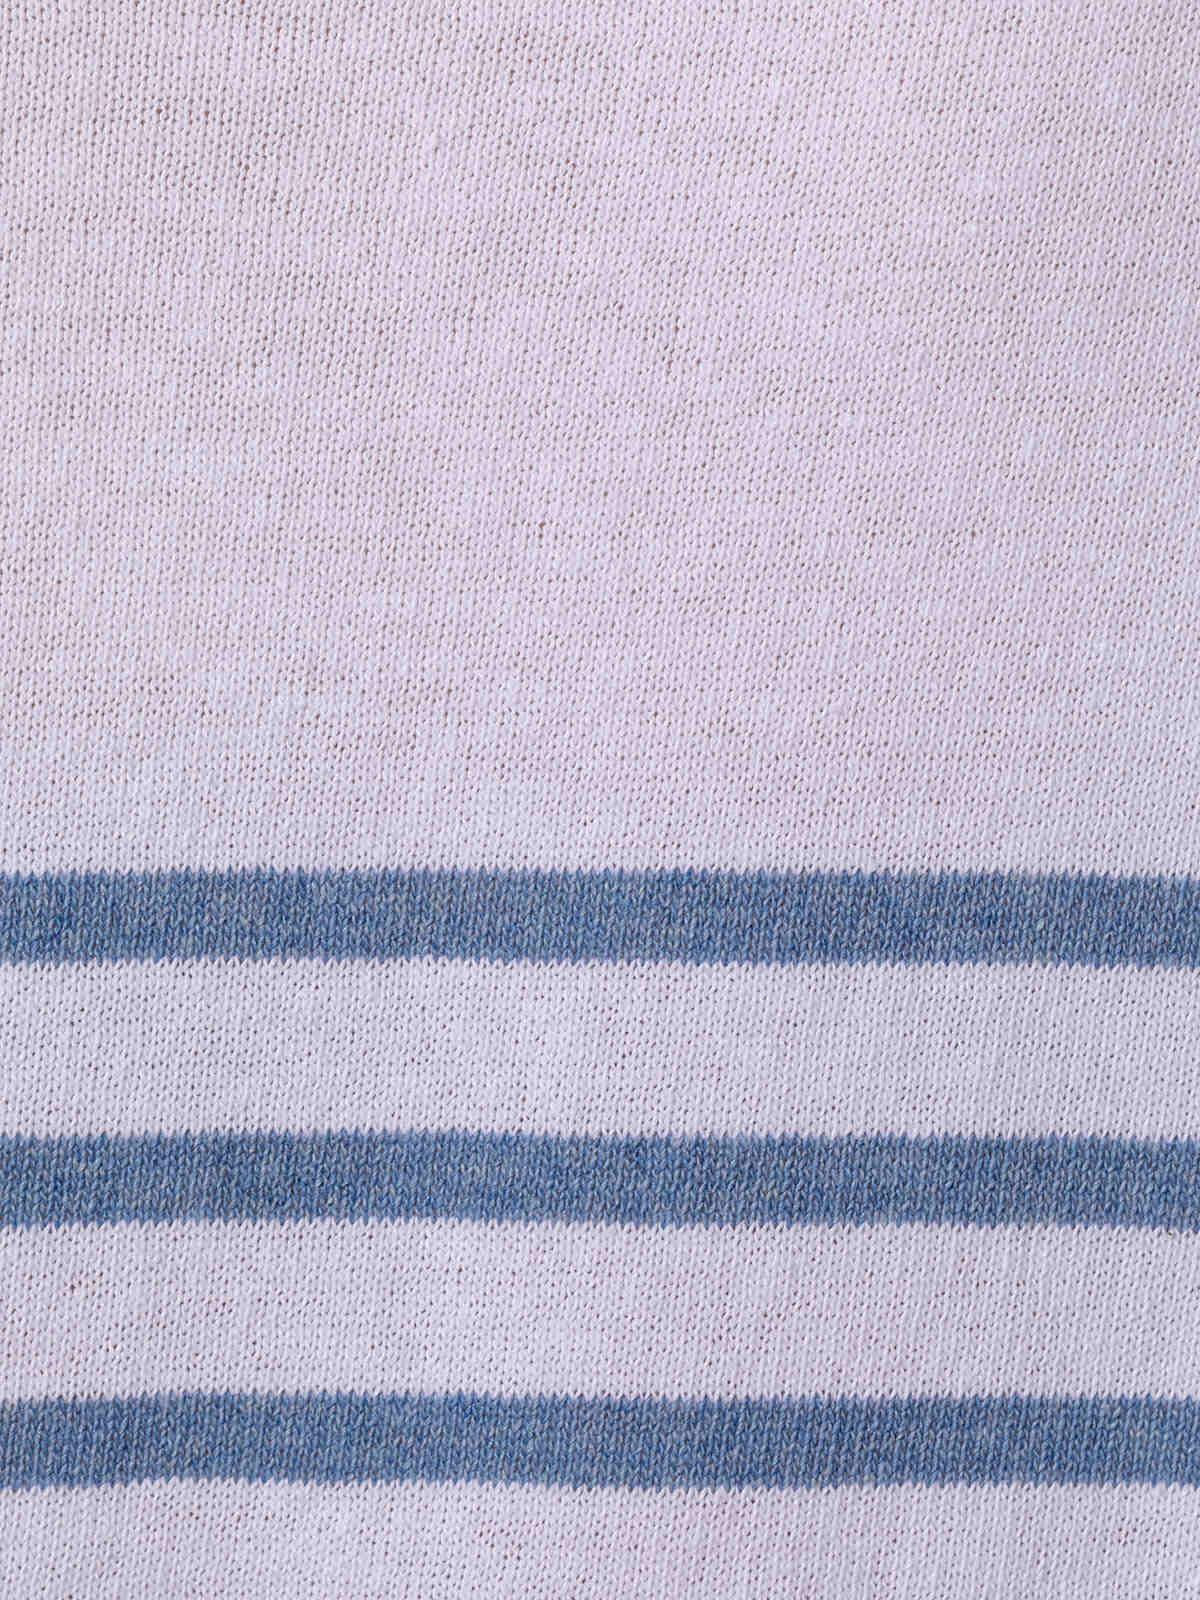 Jersey mujer punto fino rayas en bajo Azul